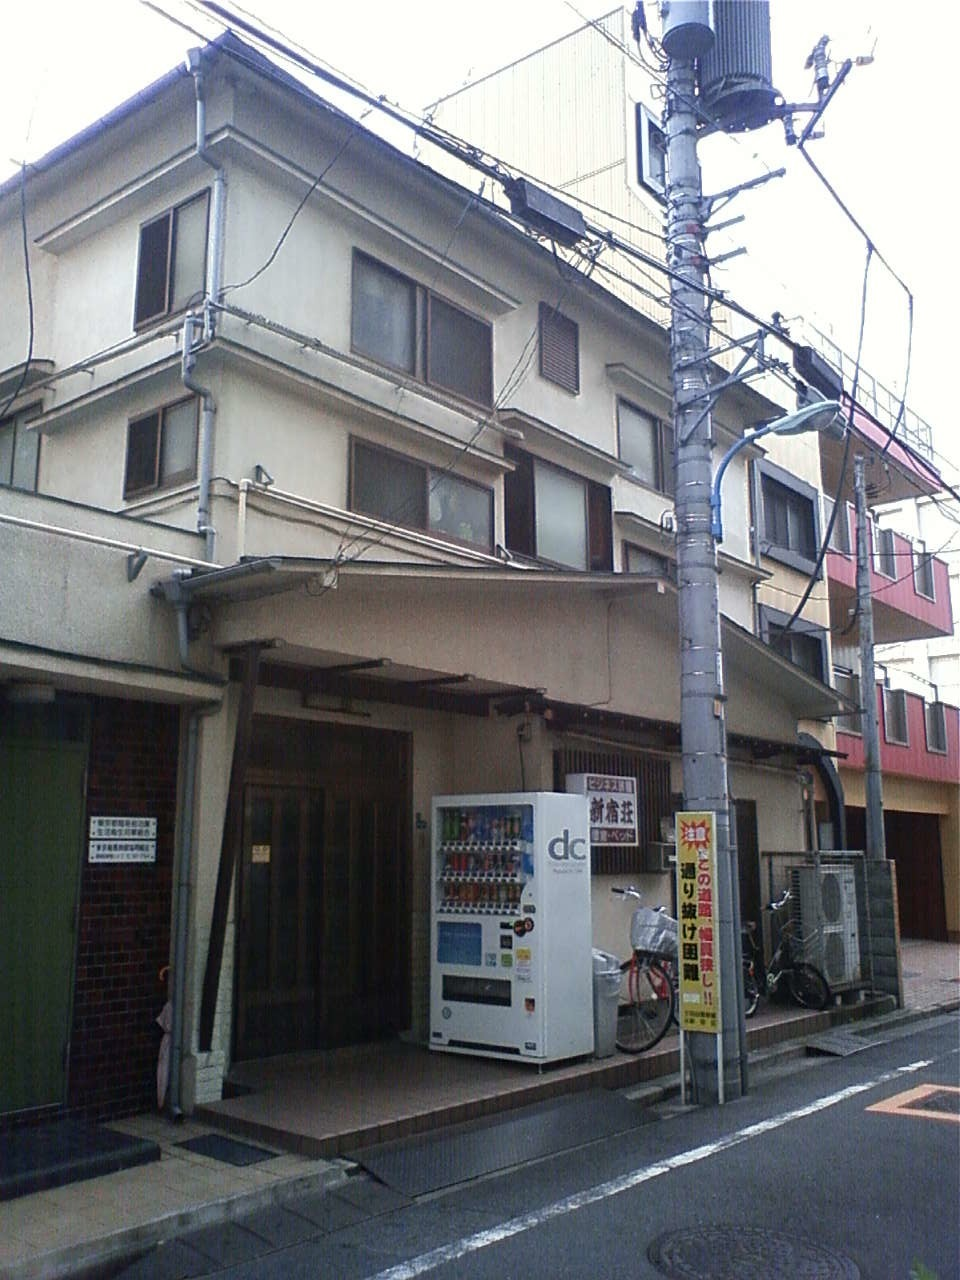 写真 新宿四丁目付近 4_b0136144_6321637.jpg